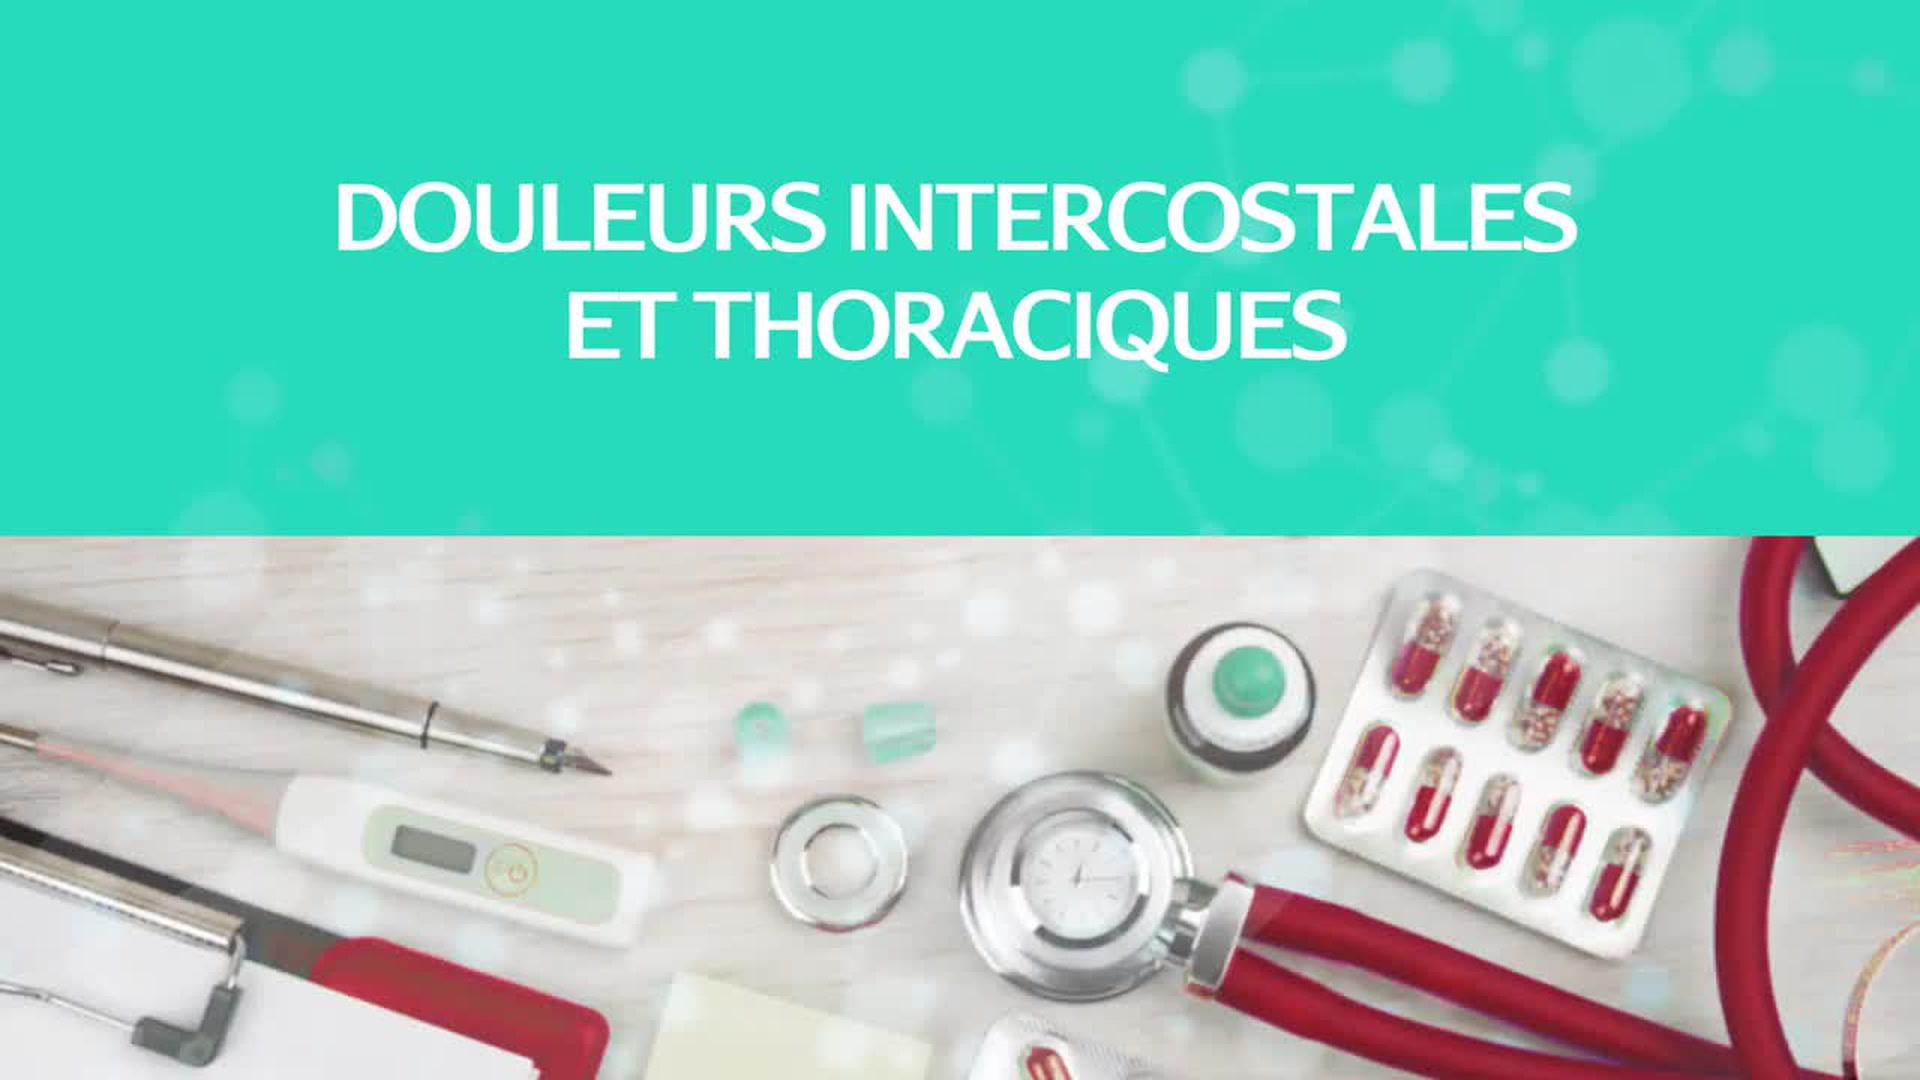 Santé médecine : Douleurs thoraciques et intercostales